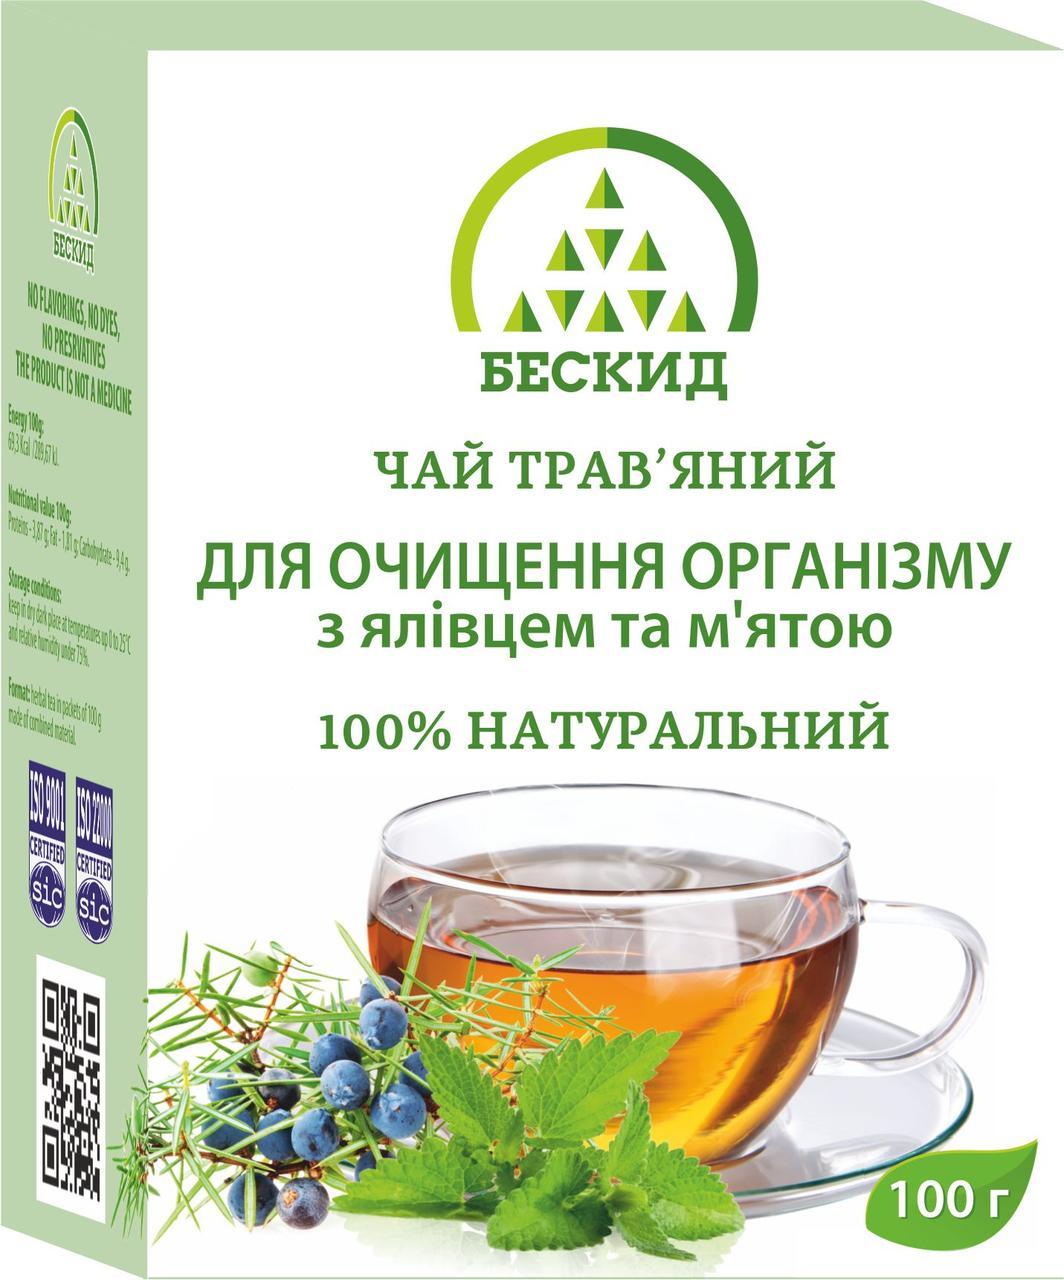 Чай травяной «Для очищения организма» с можжевельником и мятой 100 г